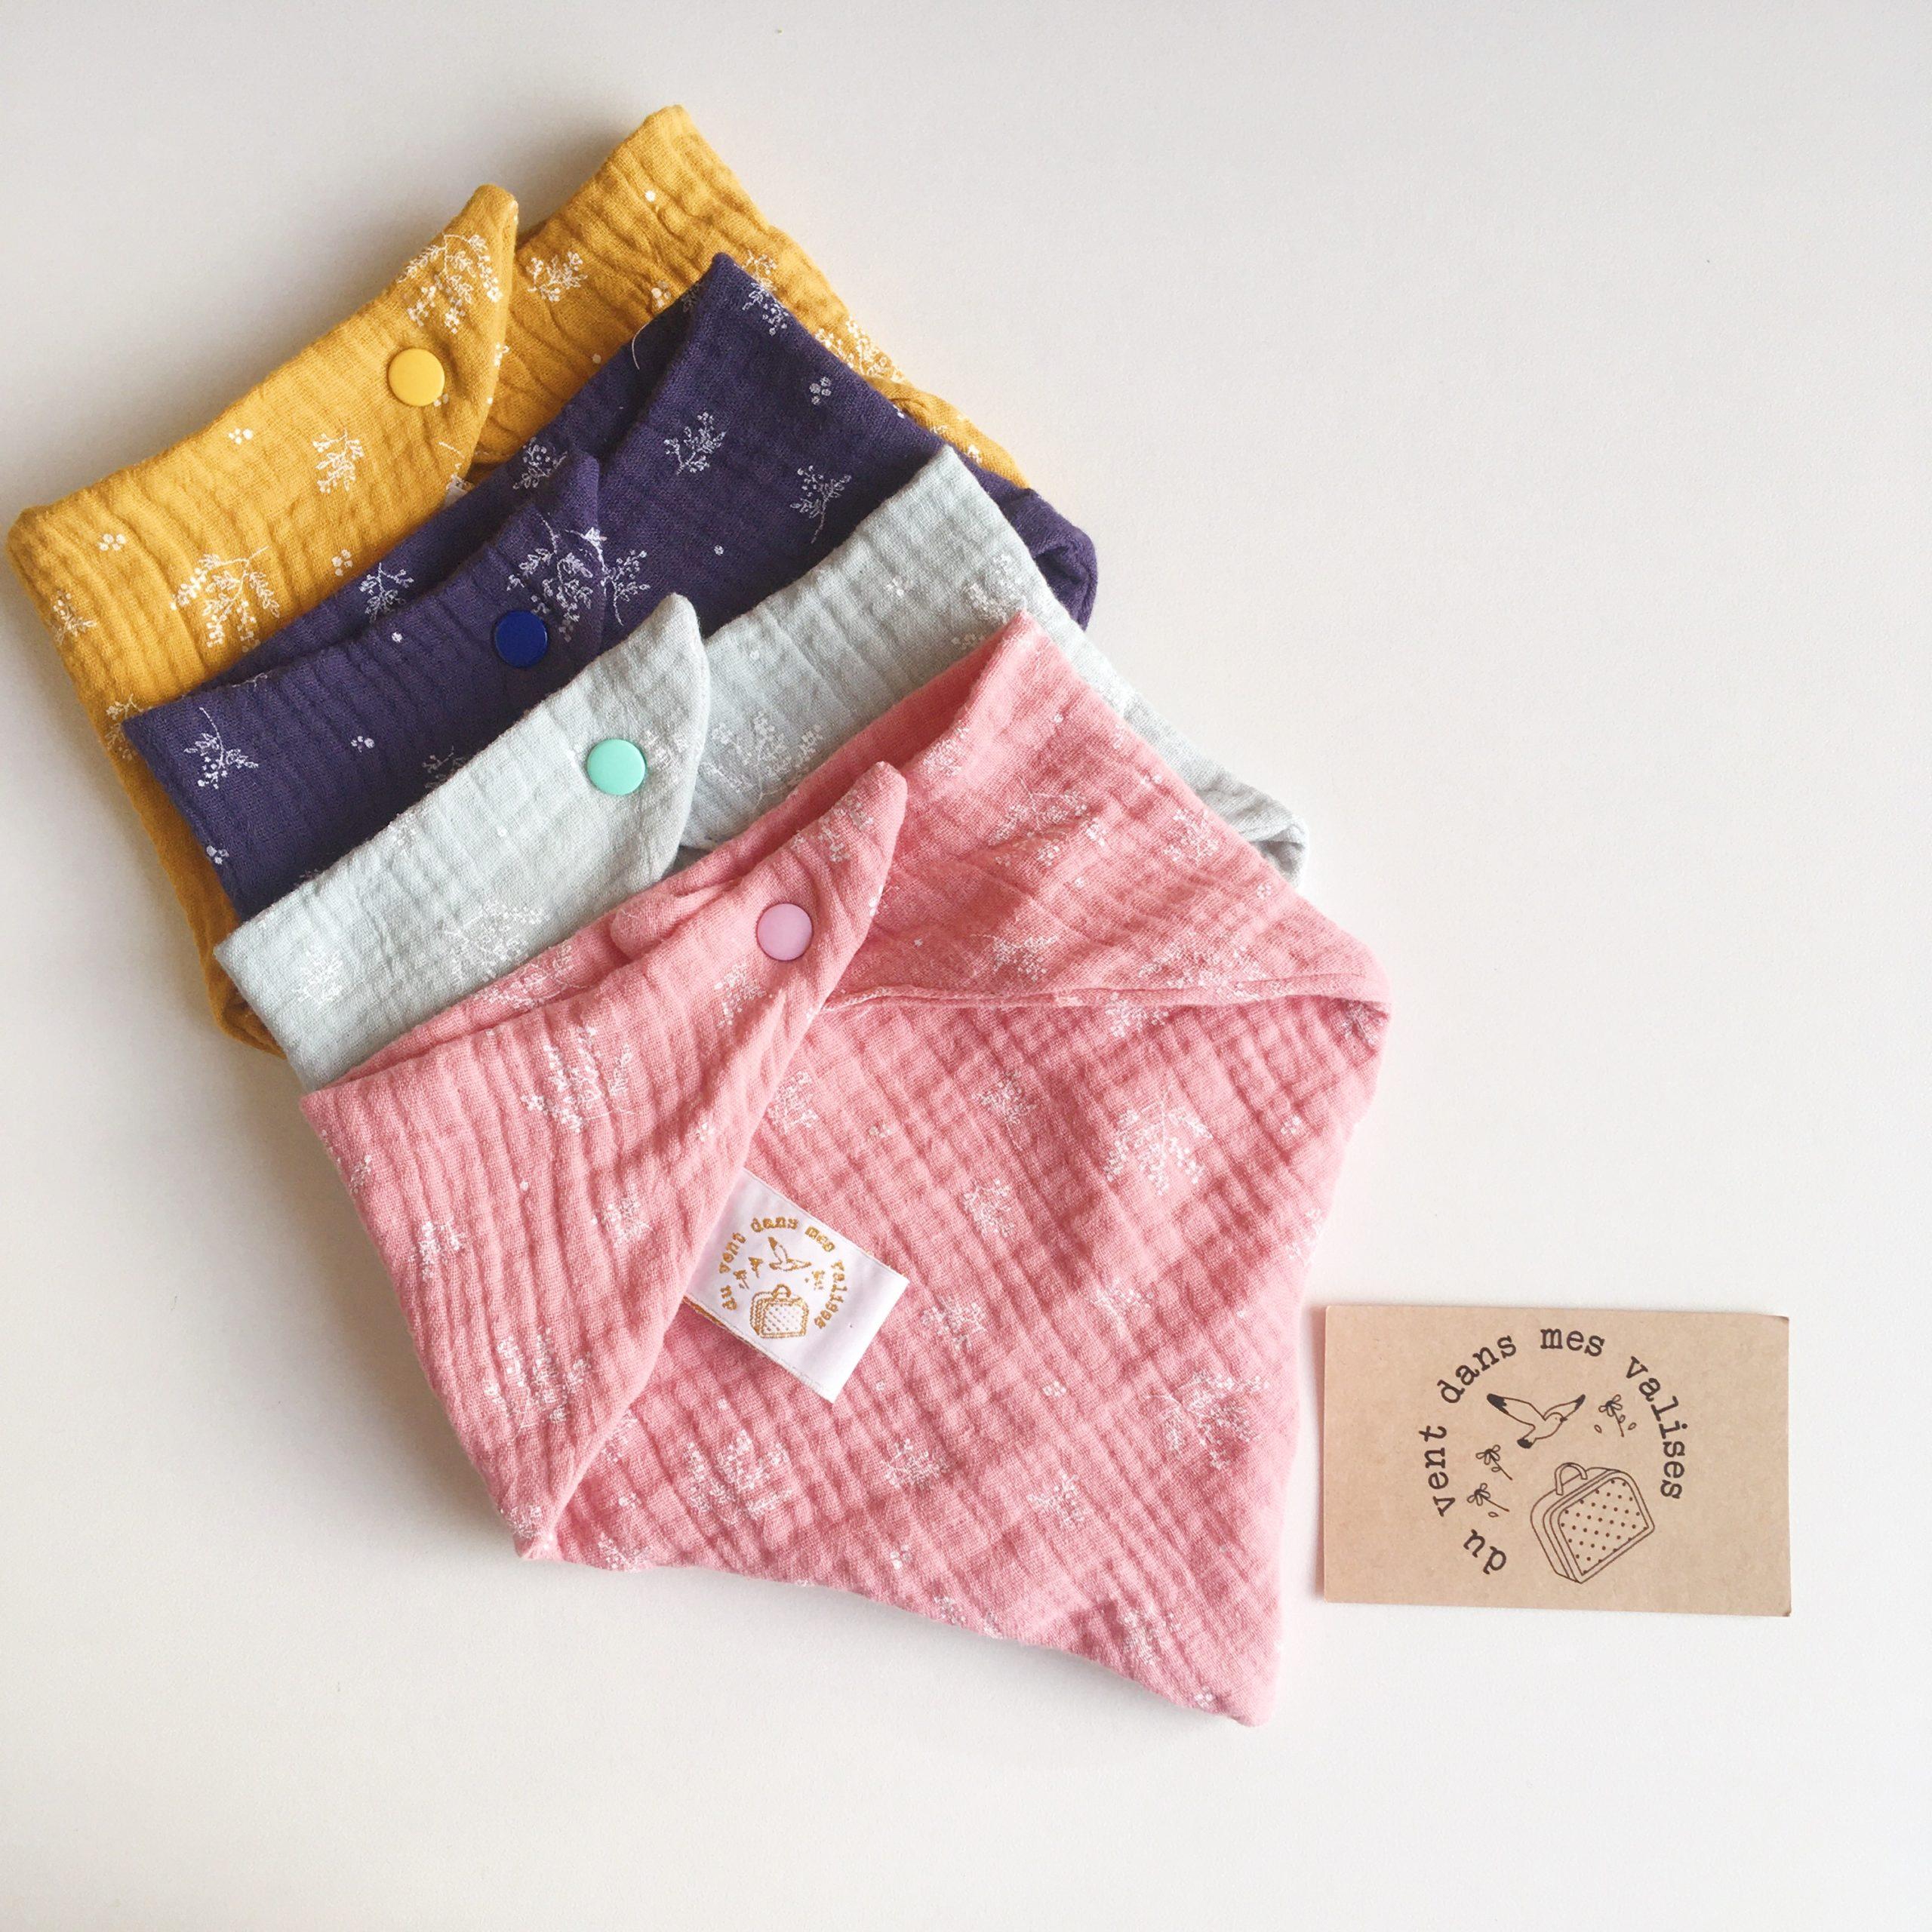 bavoirs foulards bébés made in France double gaze imprimé végétal graciles graminées - du vent dans mes valises